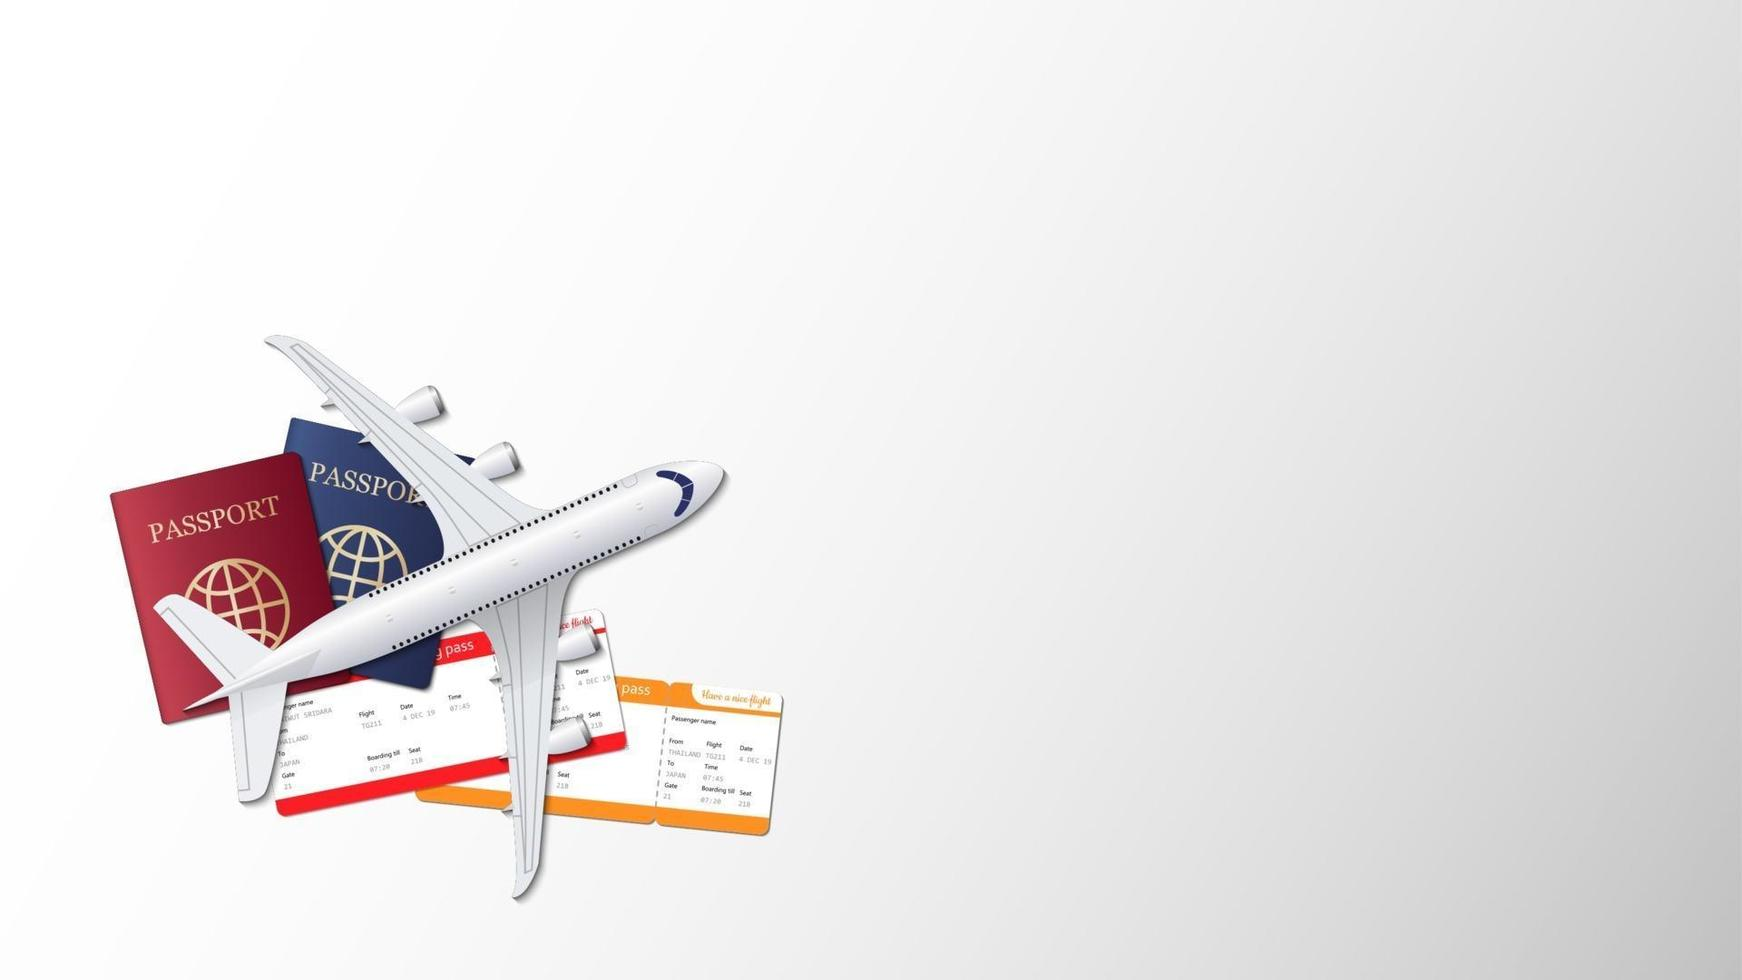 flygplan, pass och boardingkort på tom bakgrund med kopieringsutrymme för text, resebakgrund, vektorillustration vektor